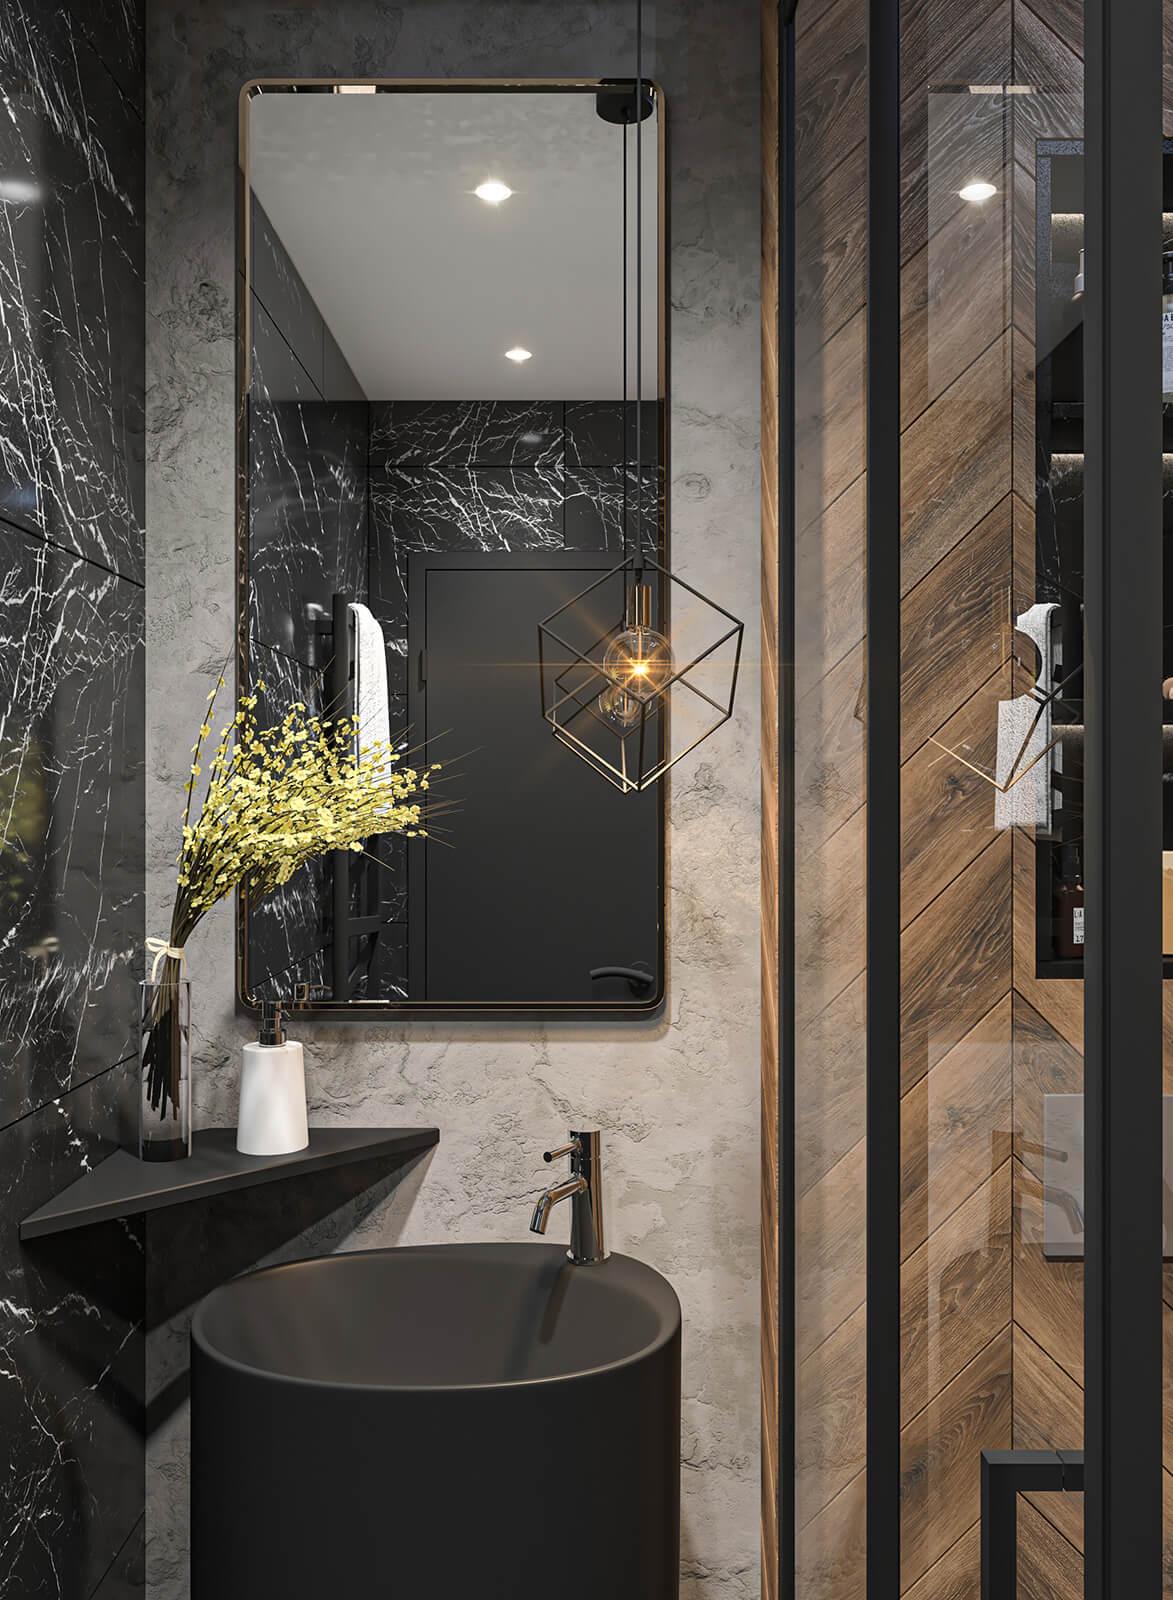 interioren-dizain-proekt-na-banya-po-poruchka-emma-1